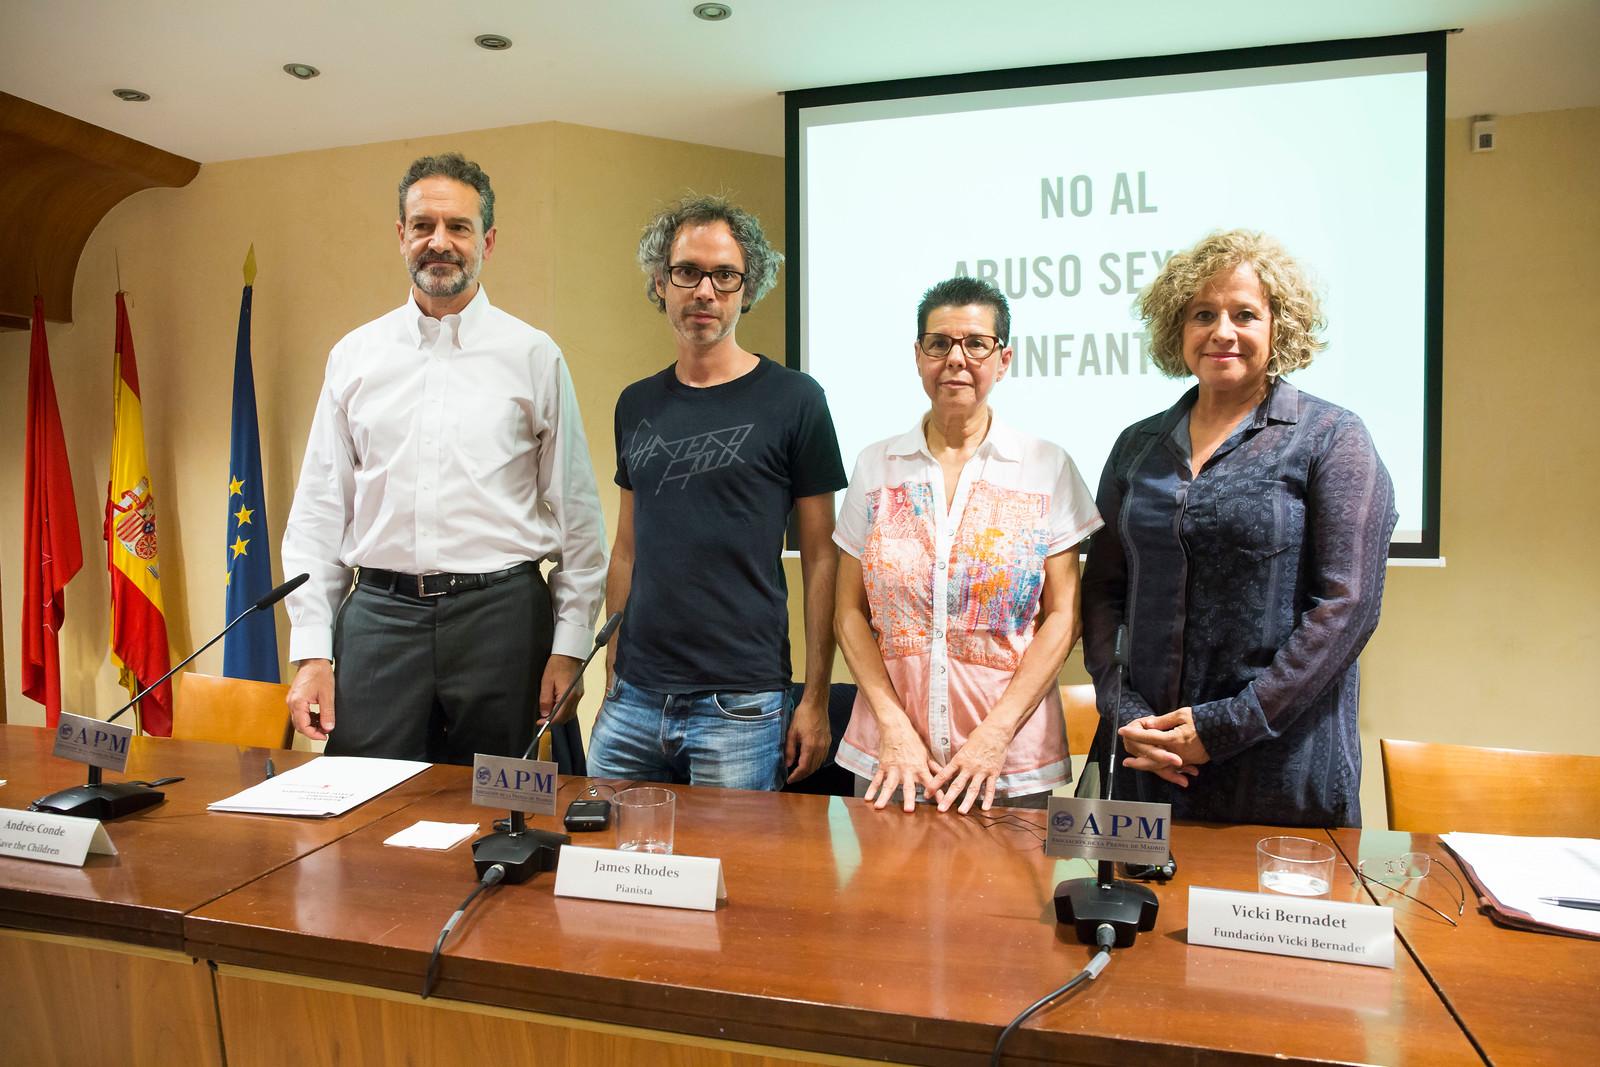 Andrés Conde, James Rhodes, Vicky Bernadet y la pediatra Concepción Sánchez.